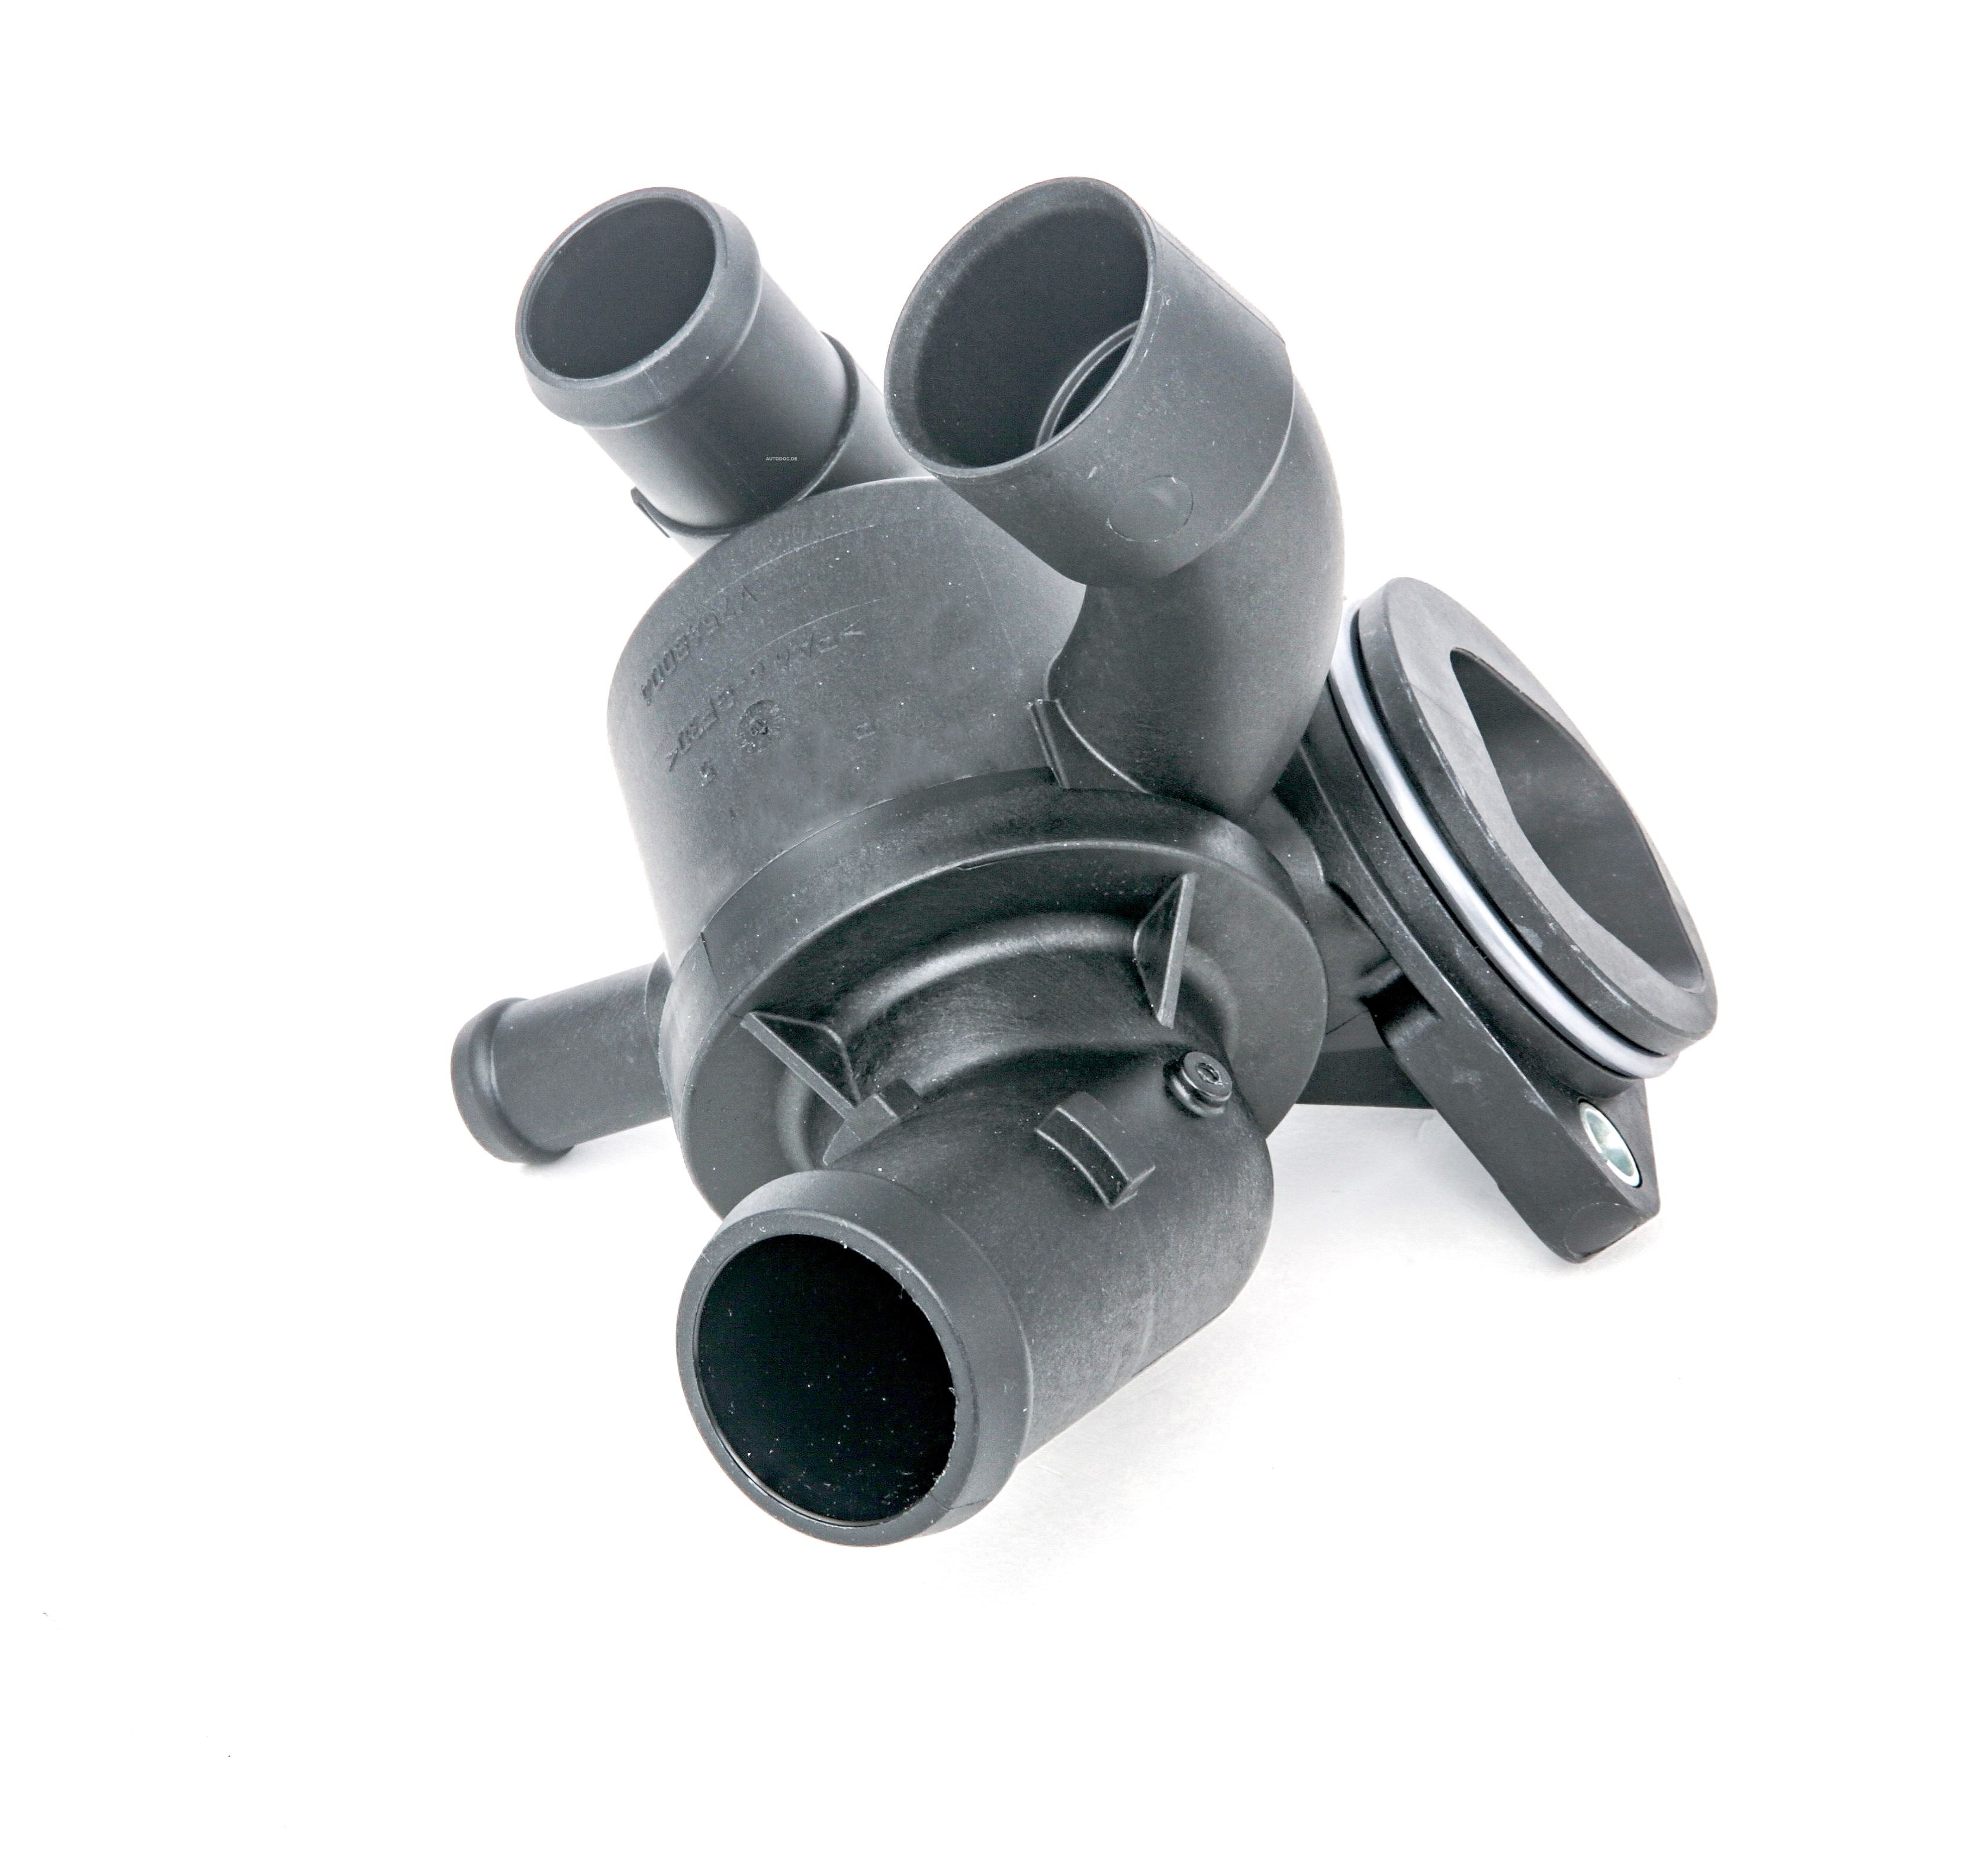 Αγοράστε 70808726 BEHR THERMOT-TRONIK Θερμοκρασία ανοίγματος: 87°C, με τσιμούχα Θερμοστάτης, ψυκτικό υγρό TI 15 87 Σε χαμηλή τιμή